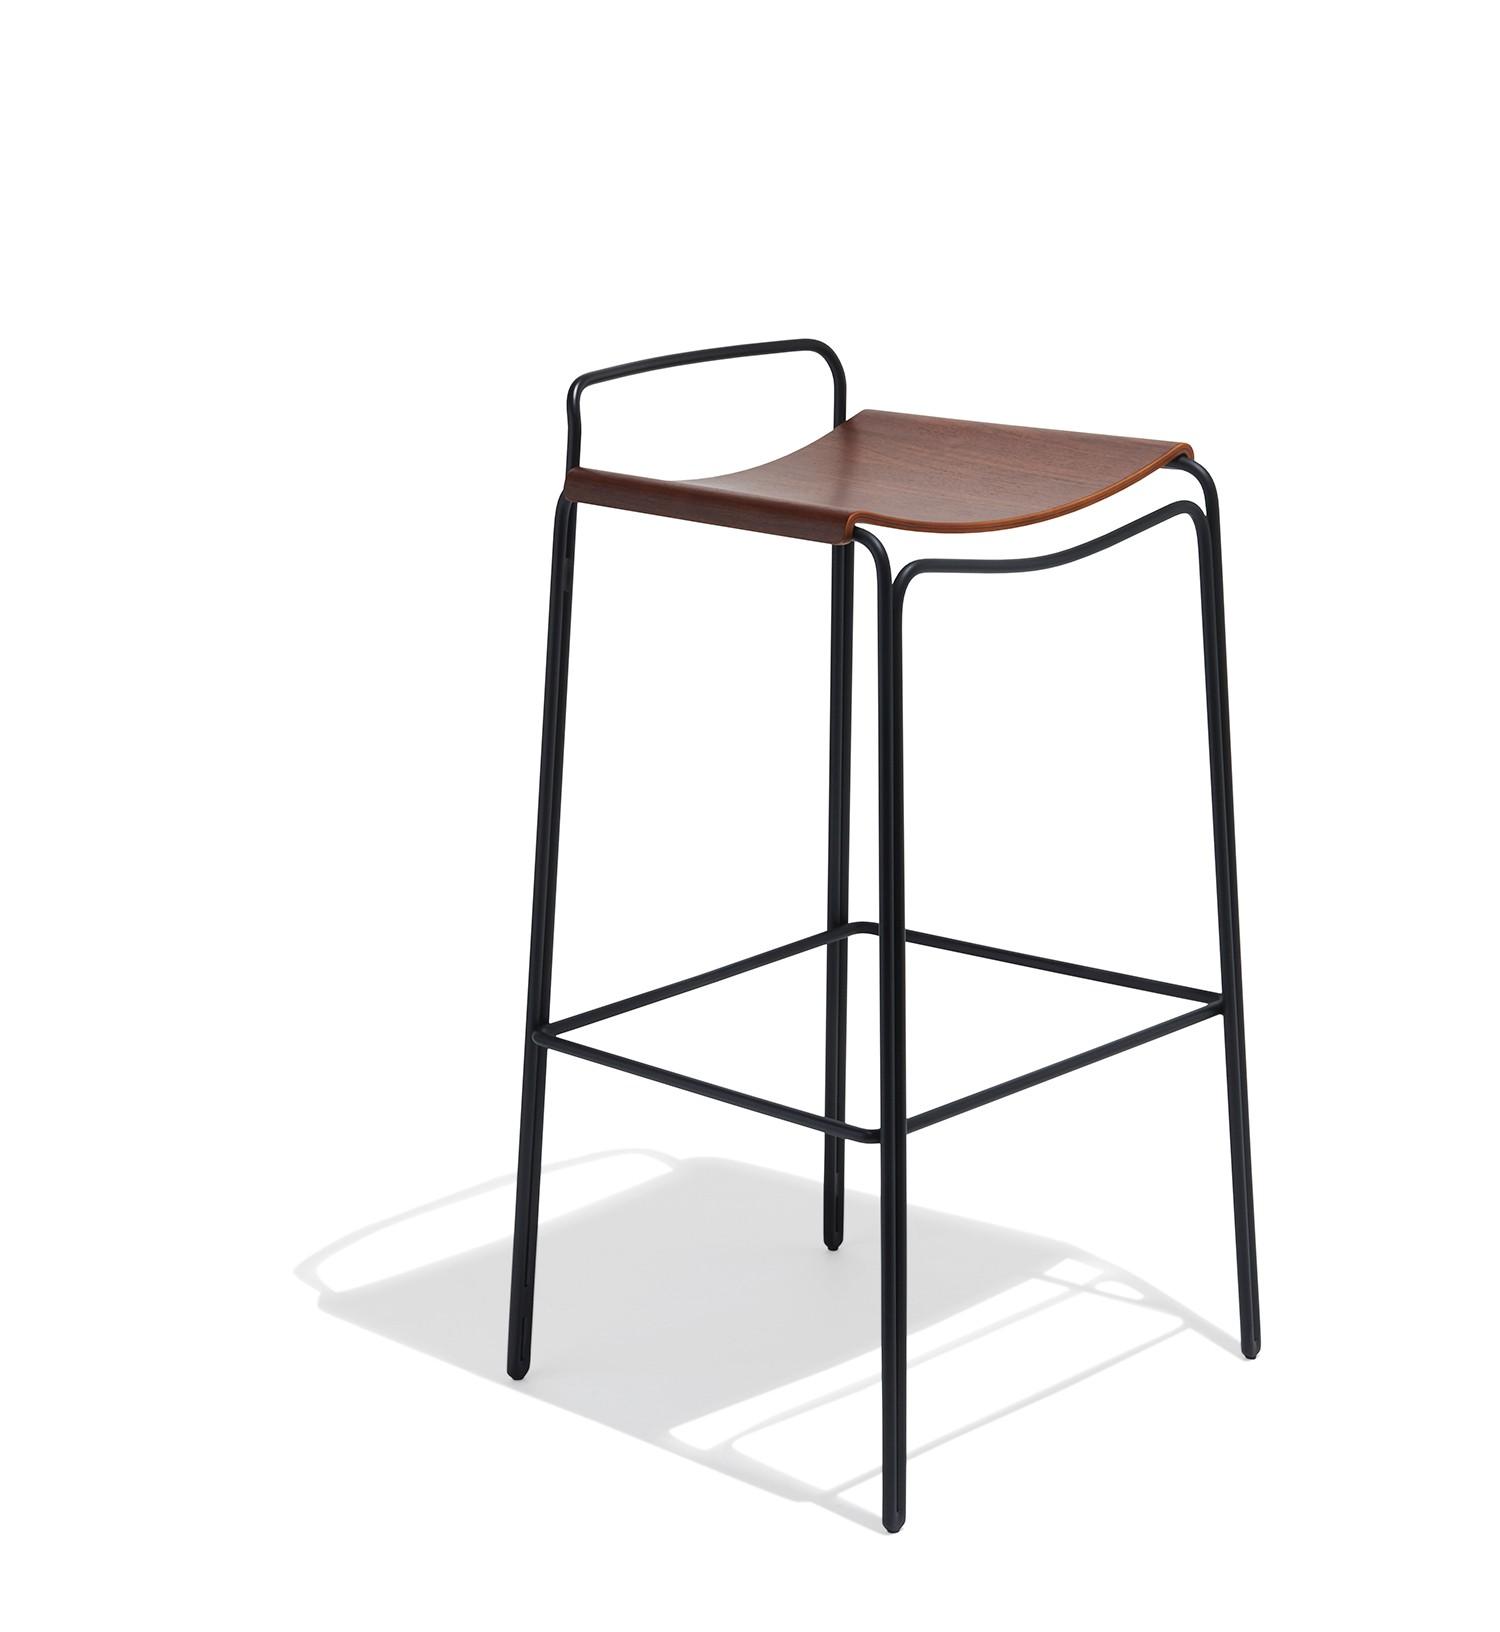 trace bar stool